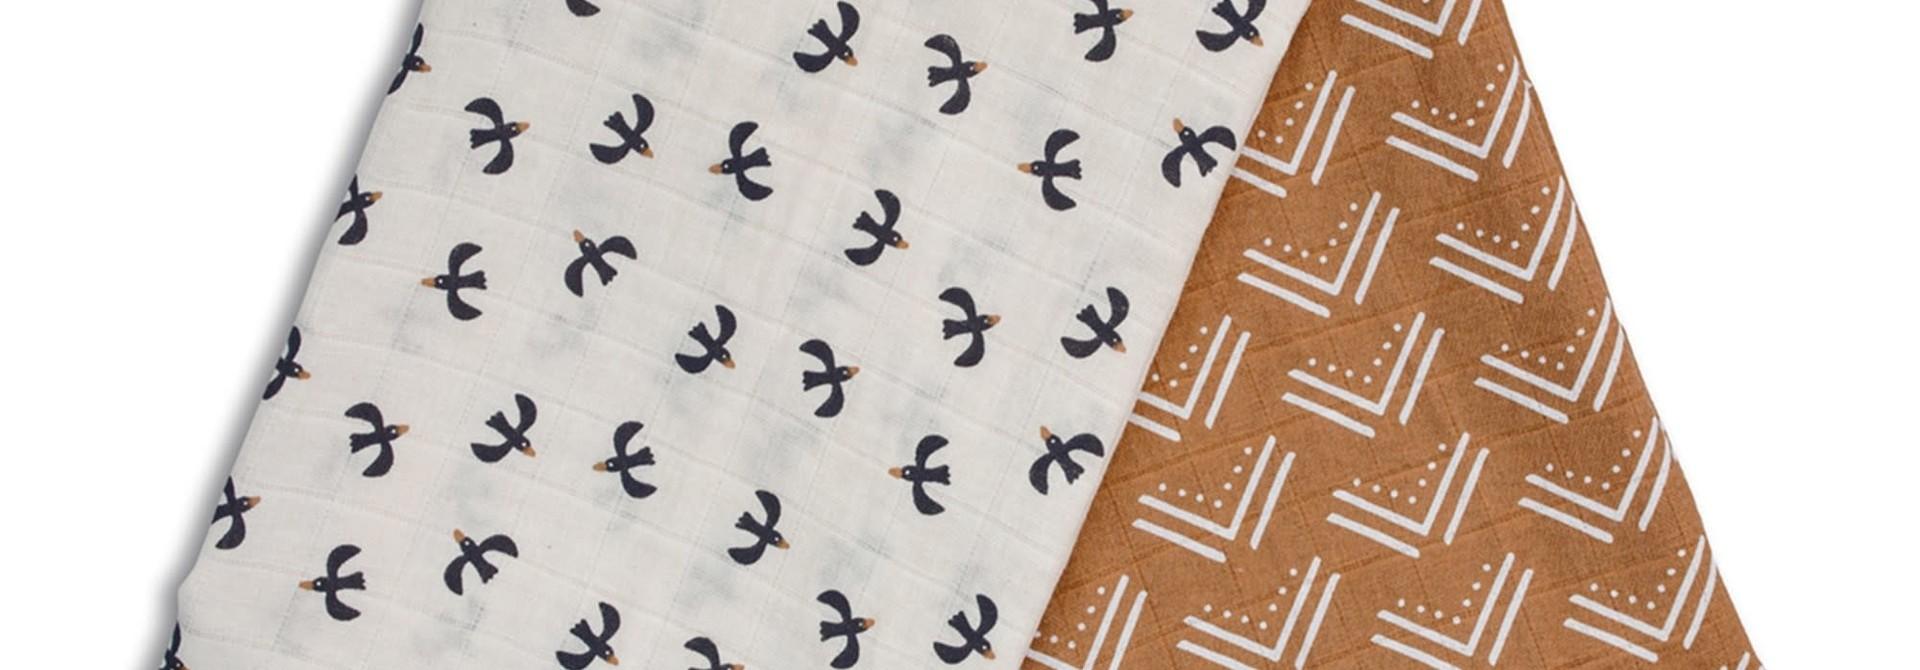 Mousseline de coton(2) - Boho/Oiseaux